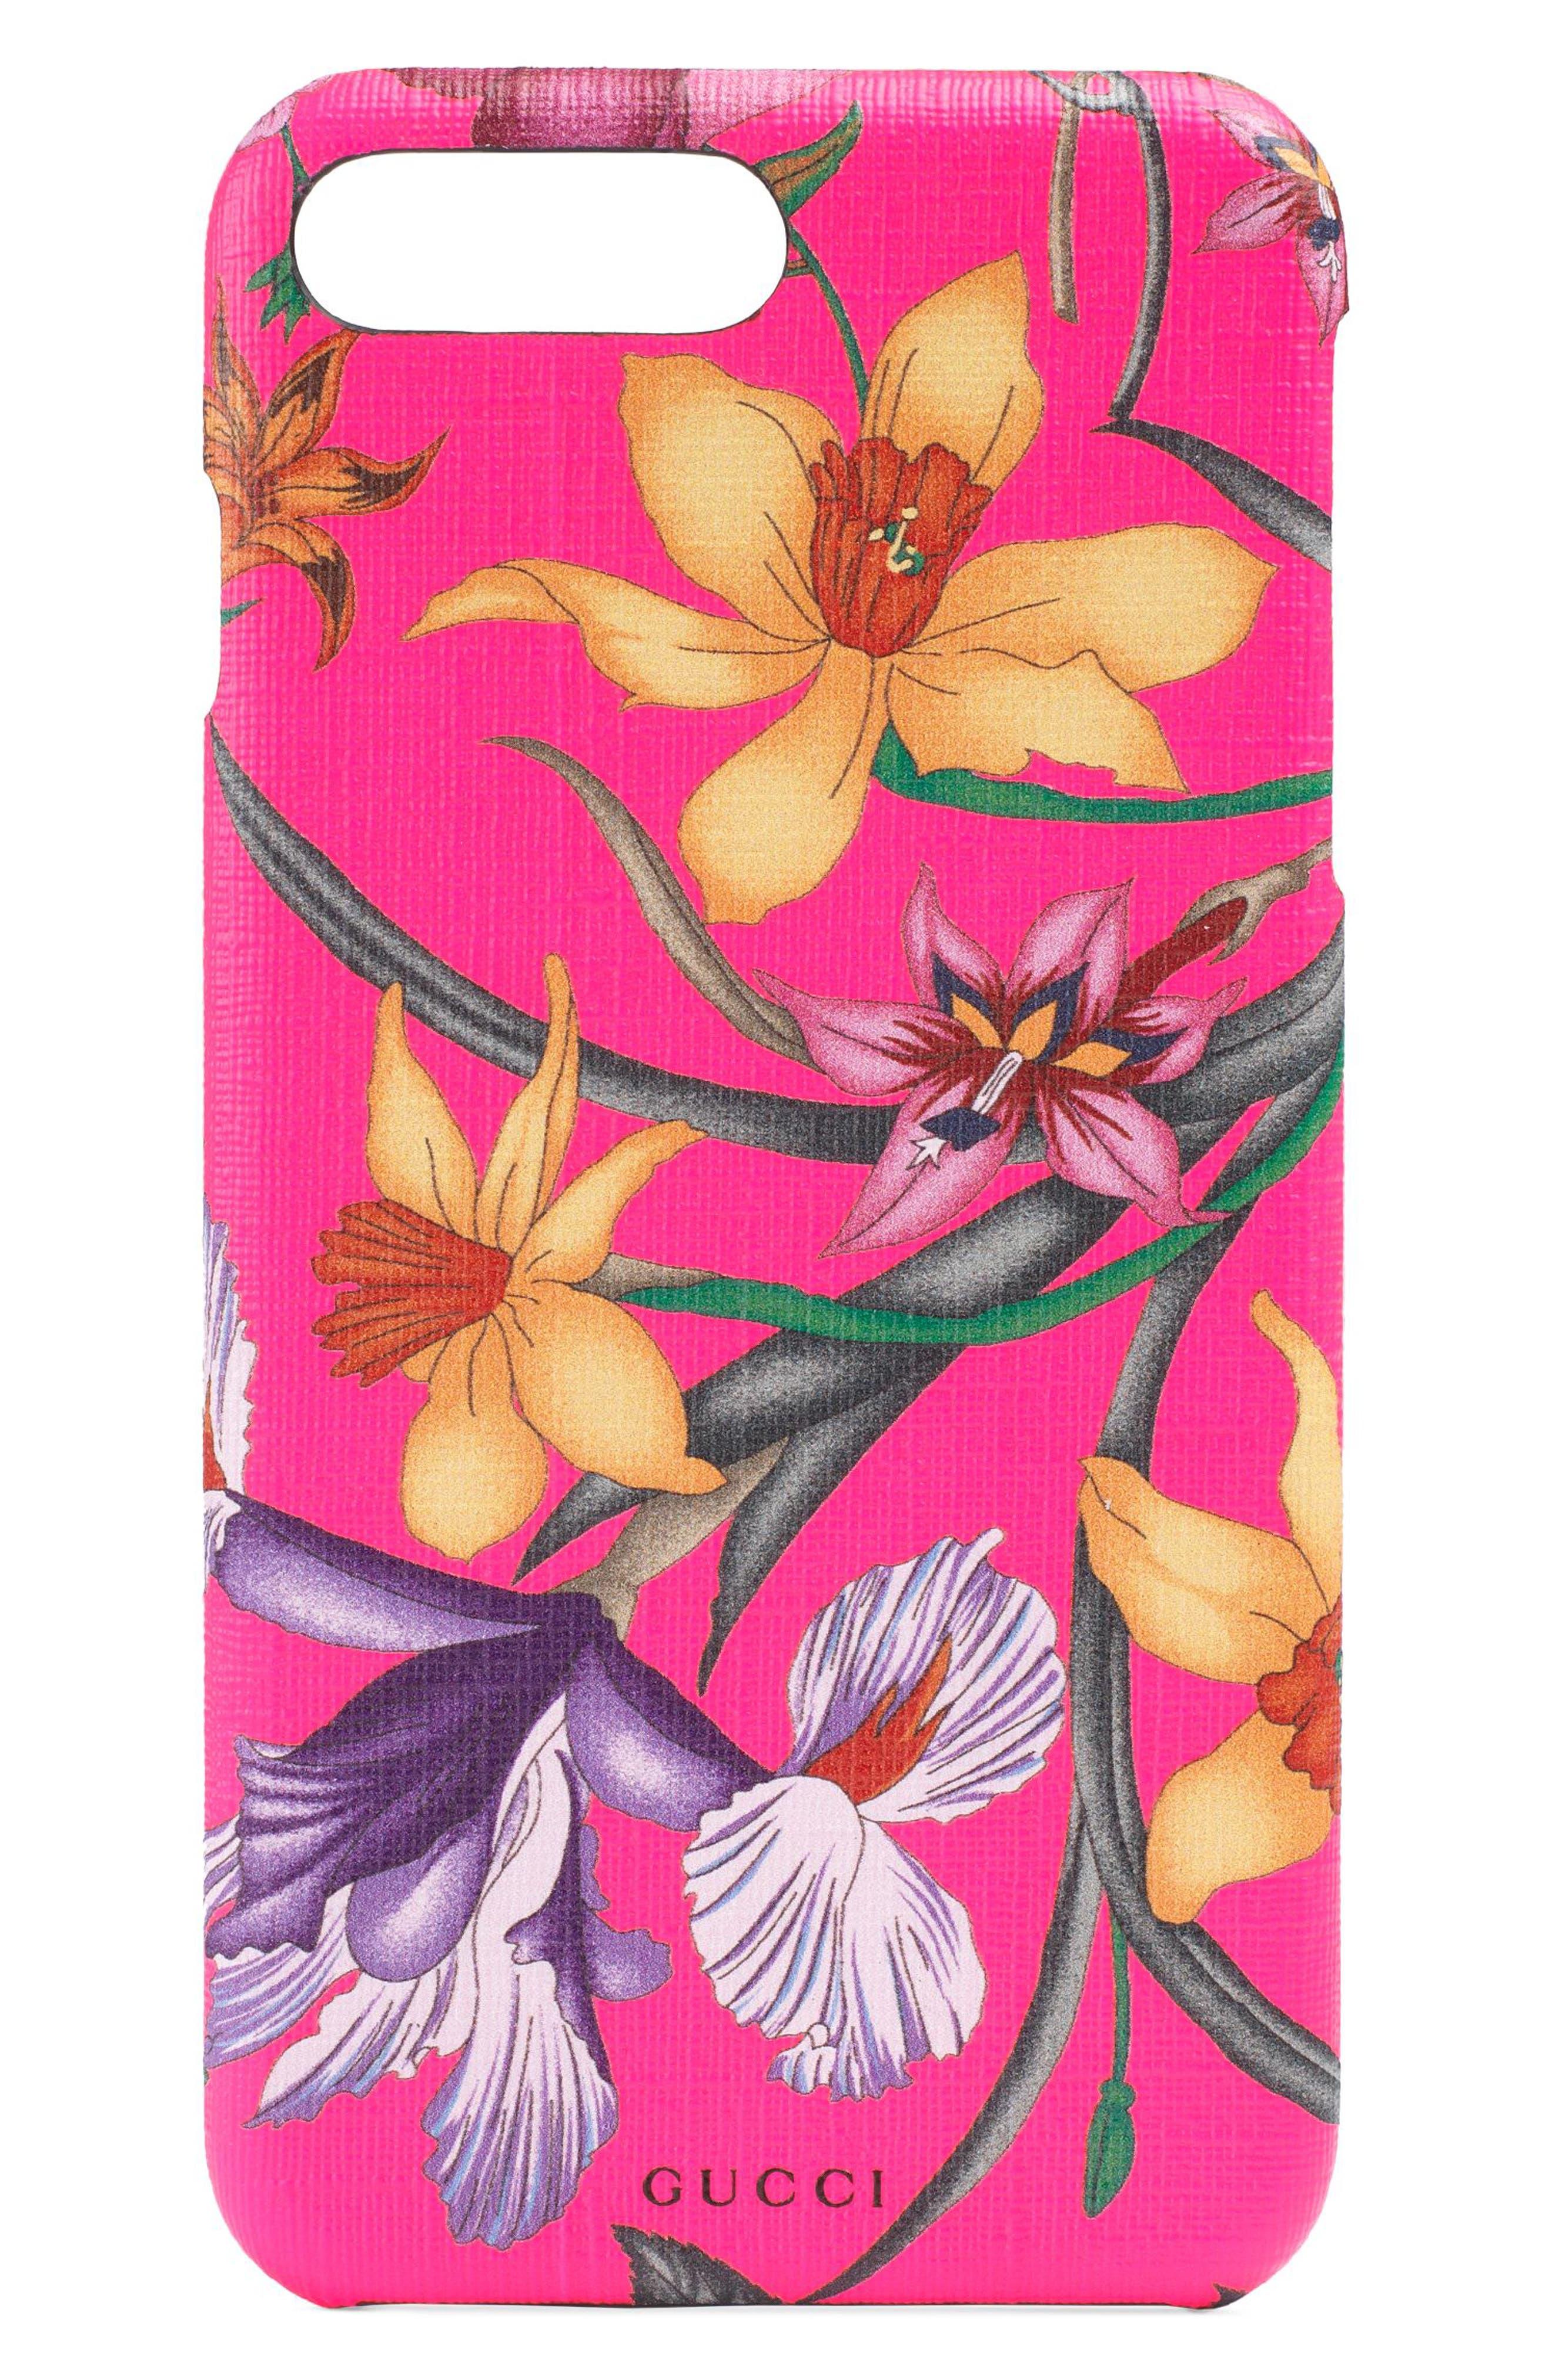 Floral Print iPhone 7/8 Plus Case,                         Main,                         color, FUXIA FLOURESCENT MULTI